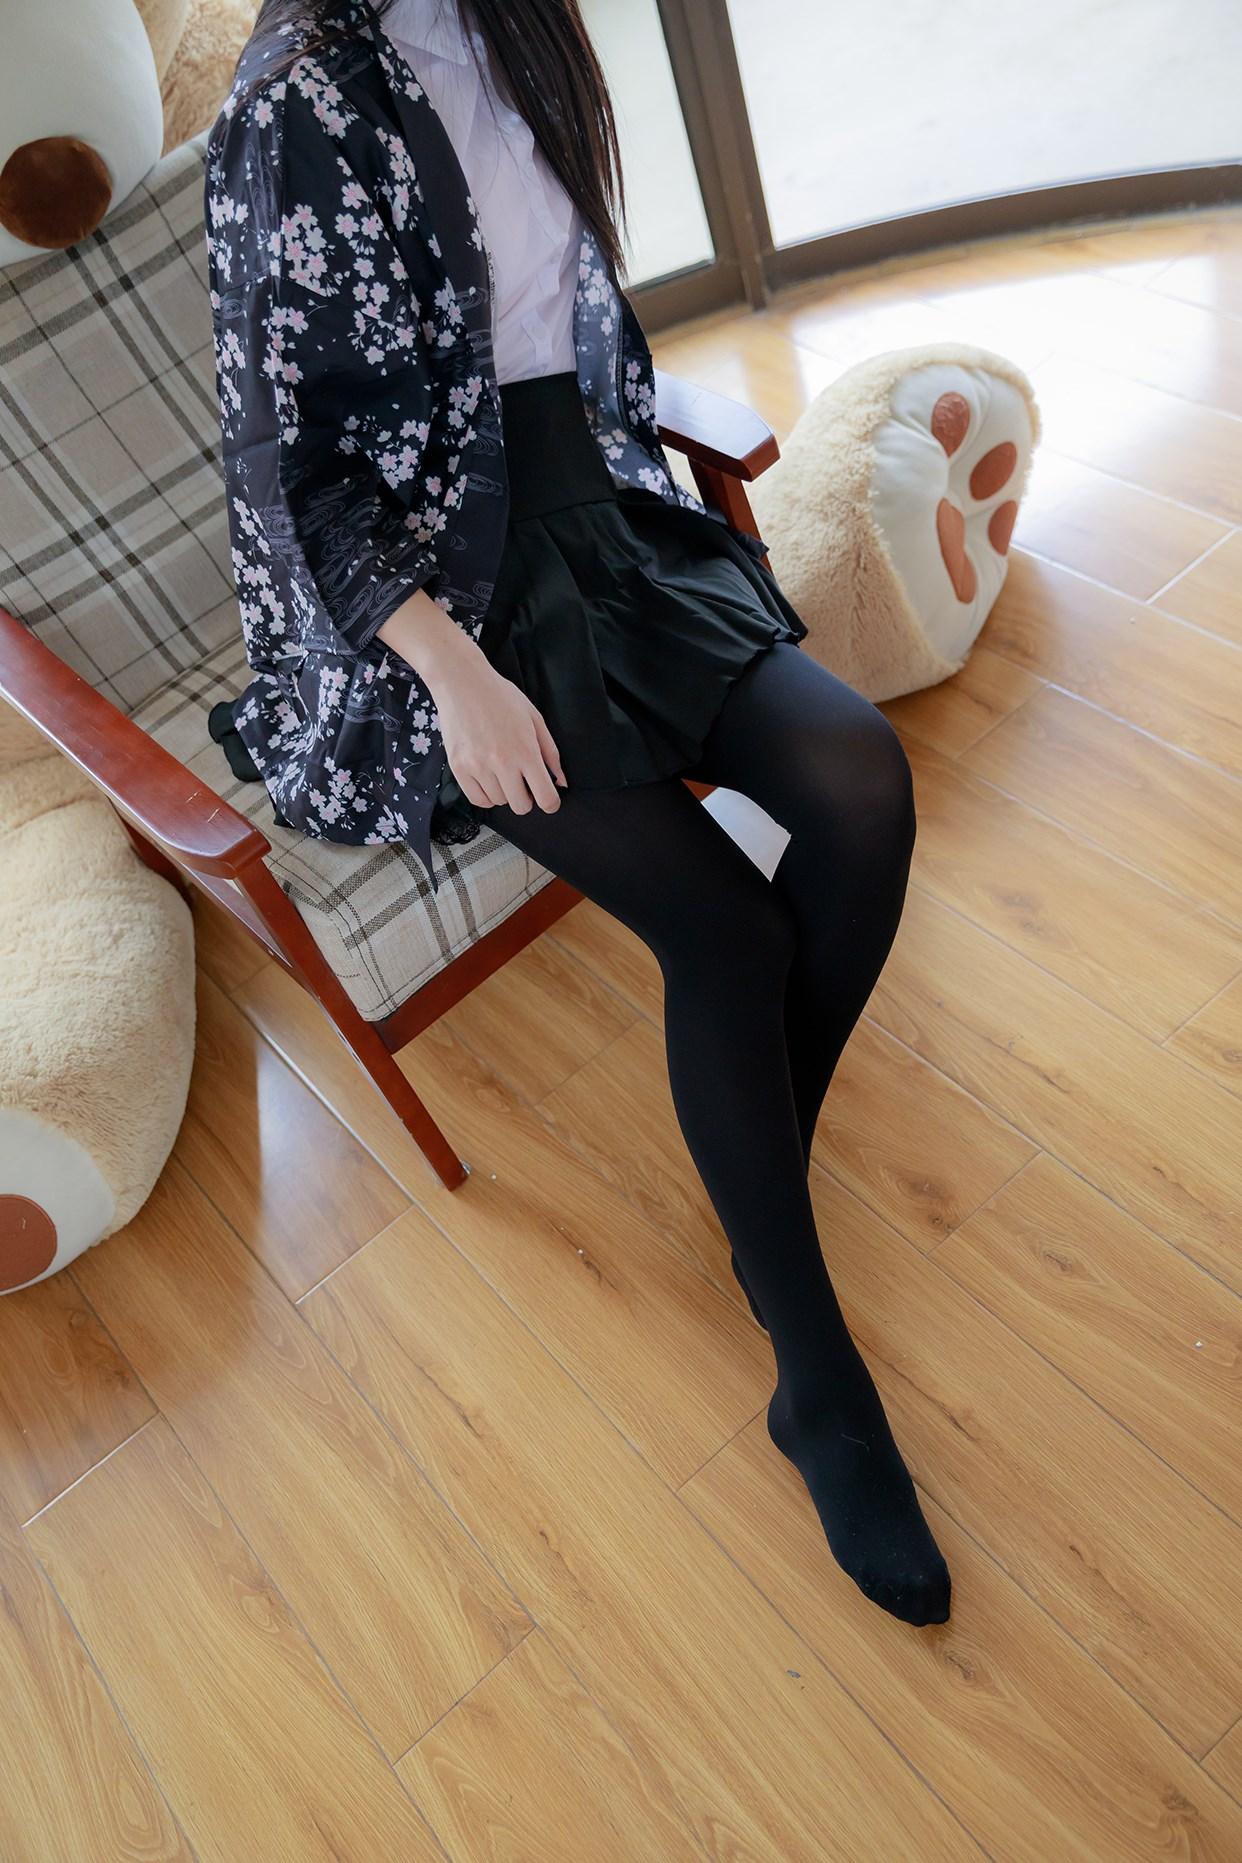 【兔玩映画】椅上的黑丝少女 兔玩映画 第12张